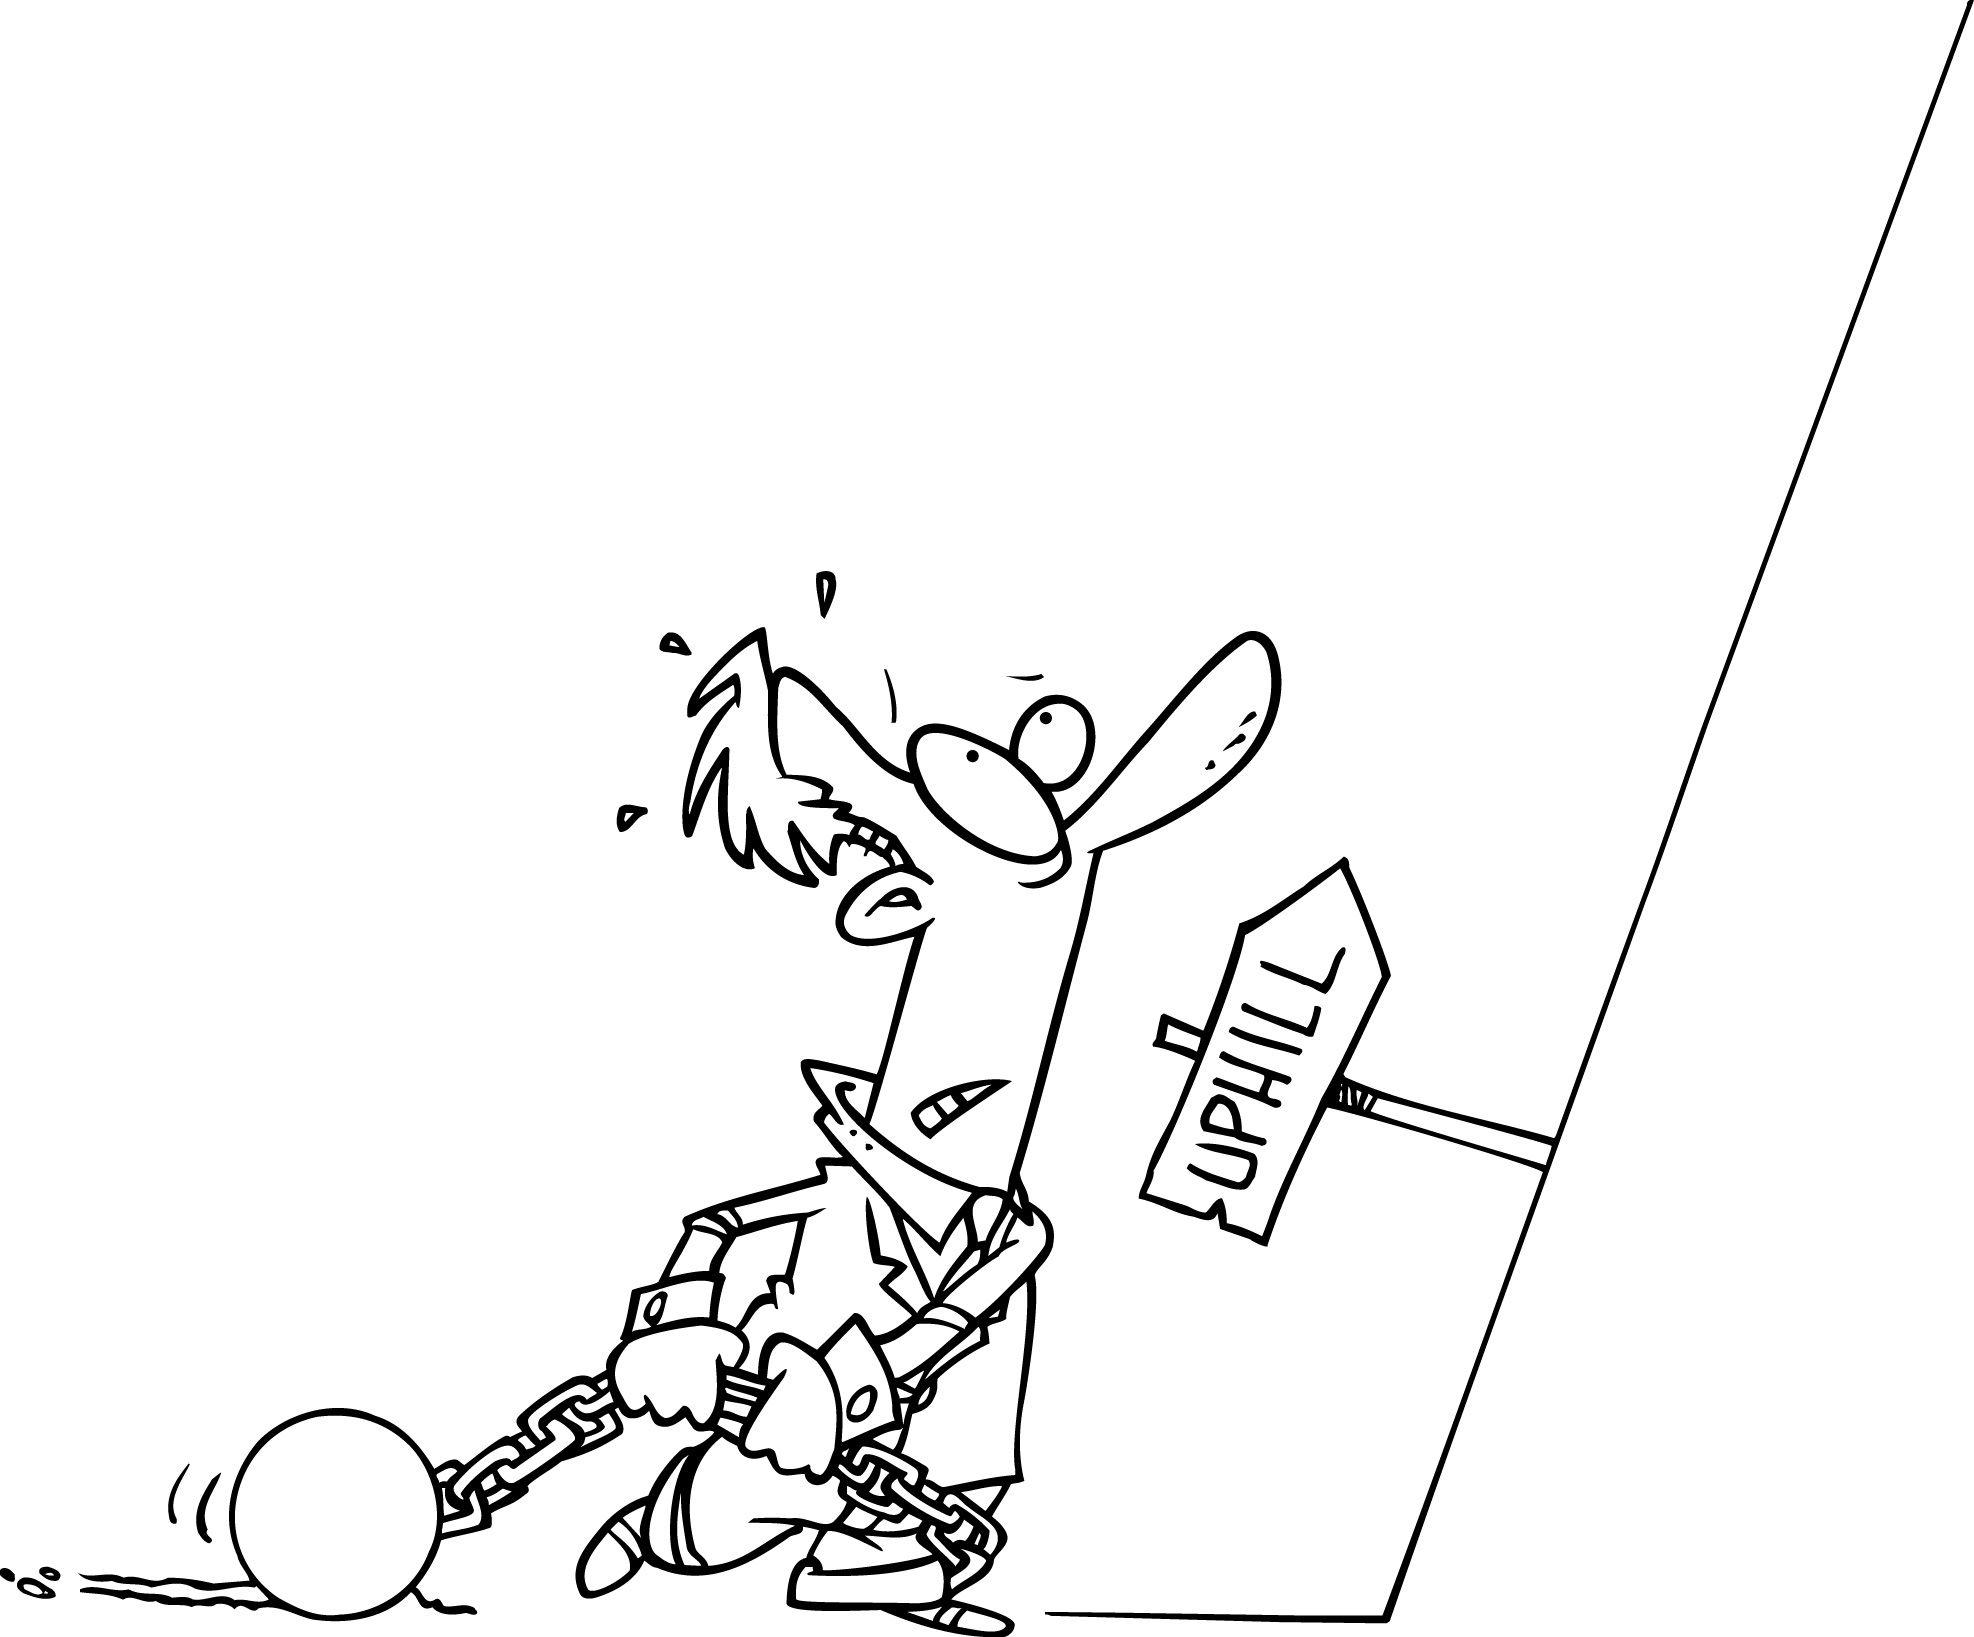 Running Up A Hill Cartoon